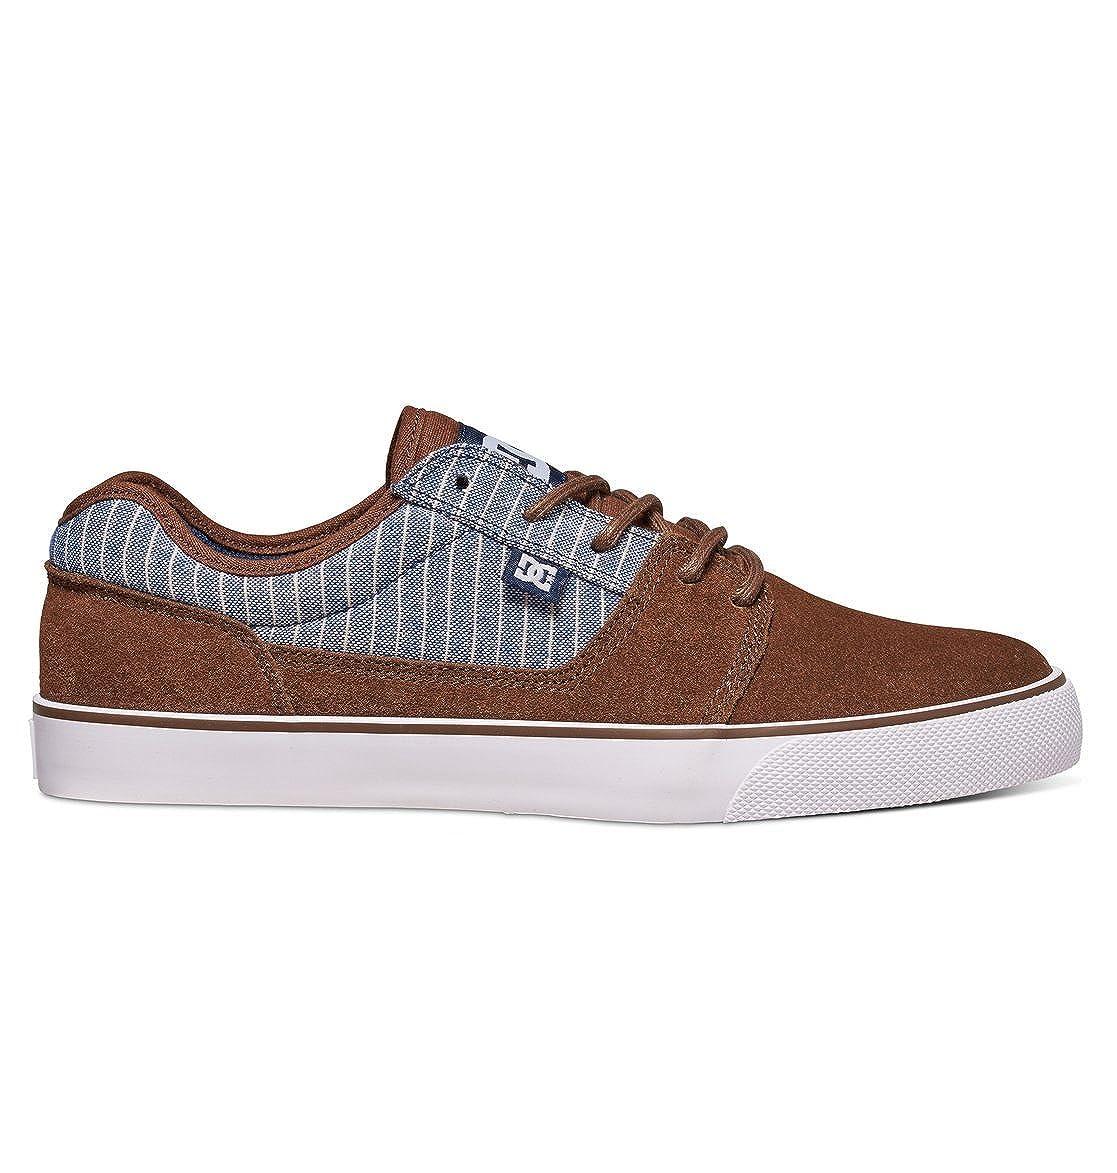 DC Tonik SE M Shoe XBKC - Zapatilla Deportiva de Cuero Hombre DC Shoes